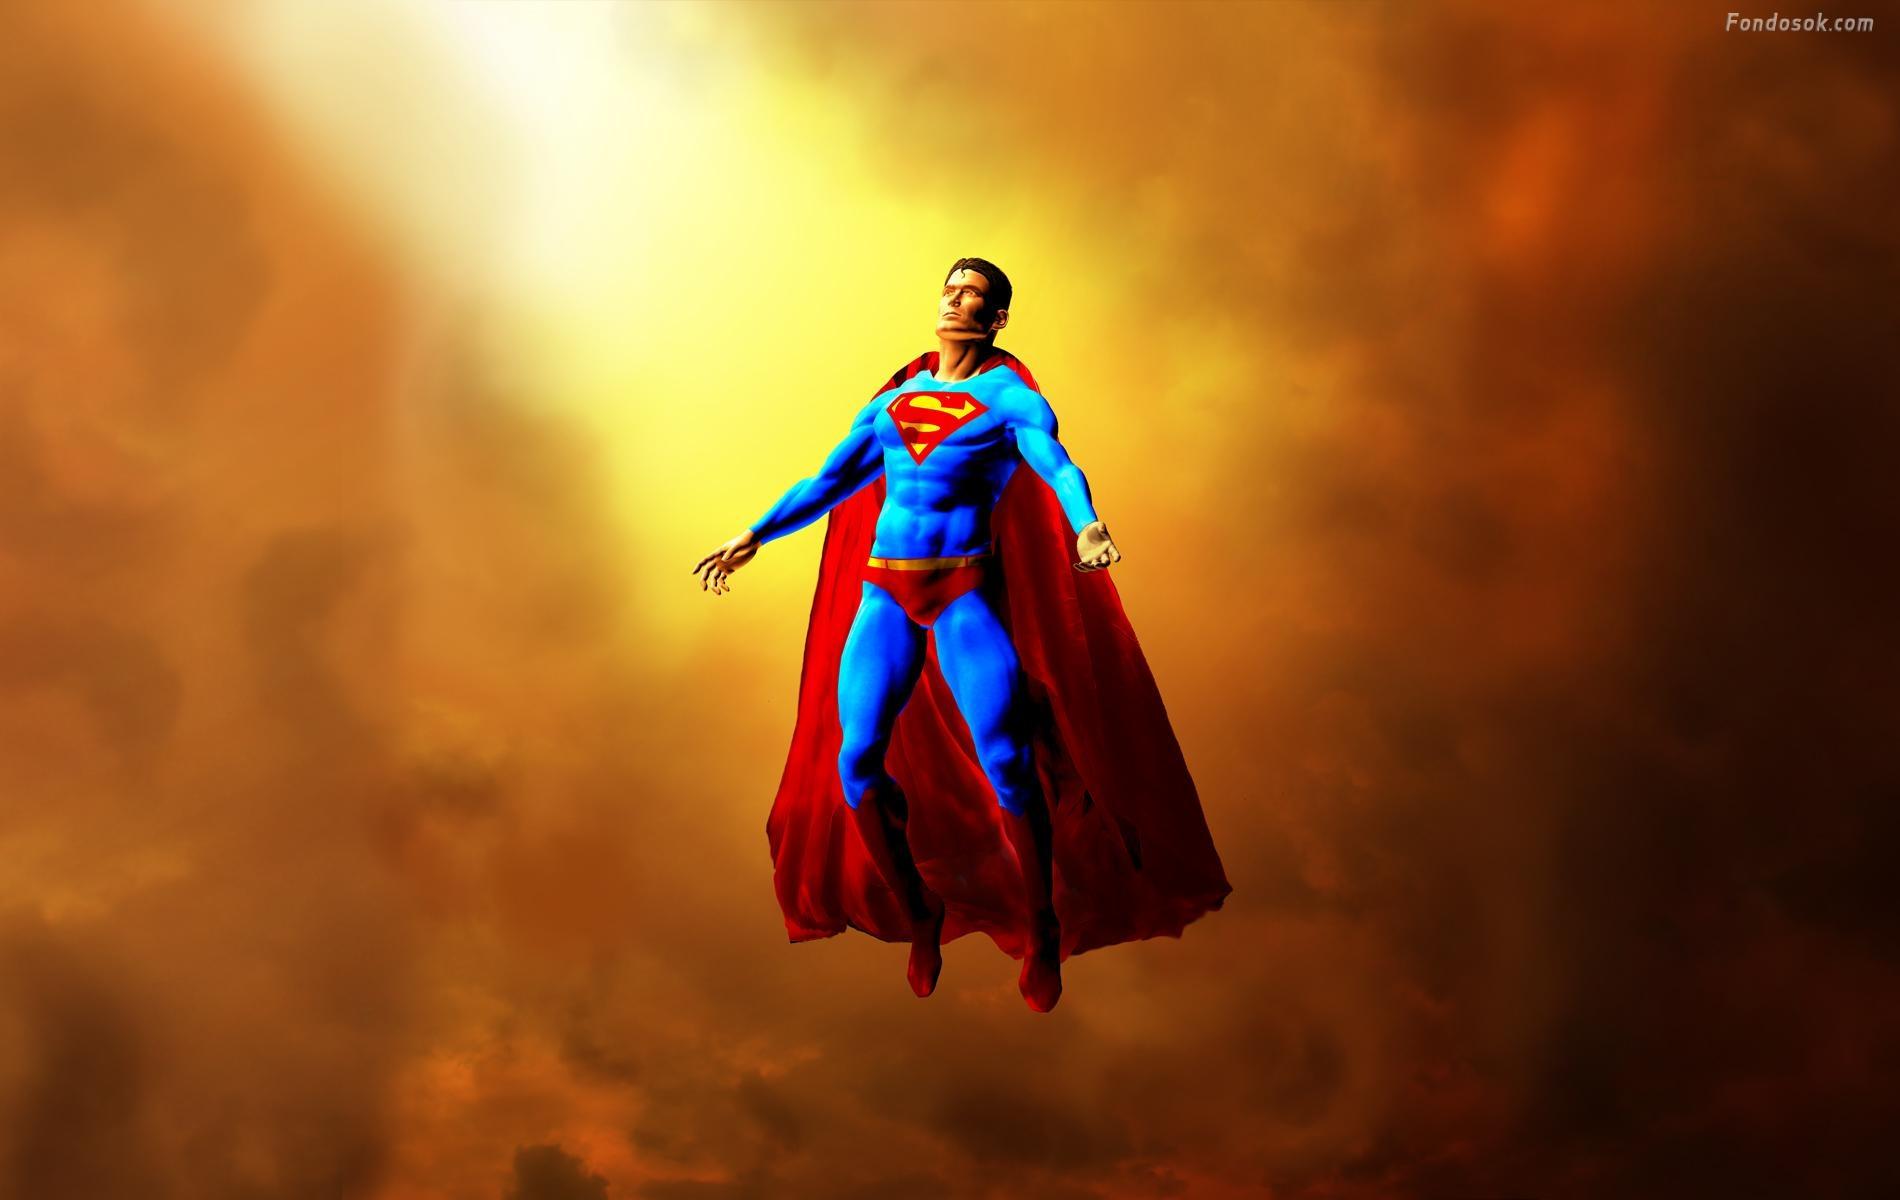 Superman Wallpaper Widescreen | Wide Screen Wallpaper ...